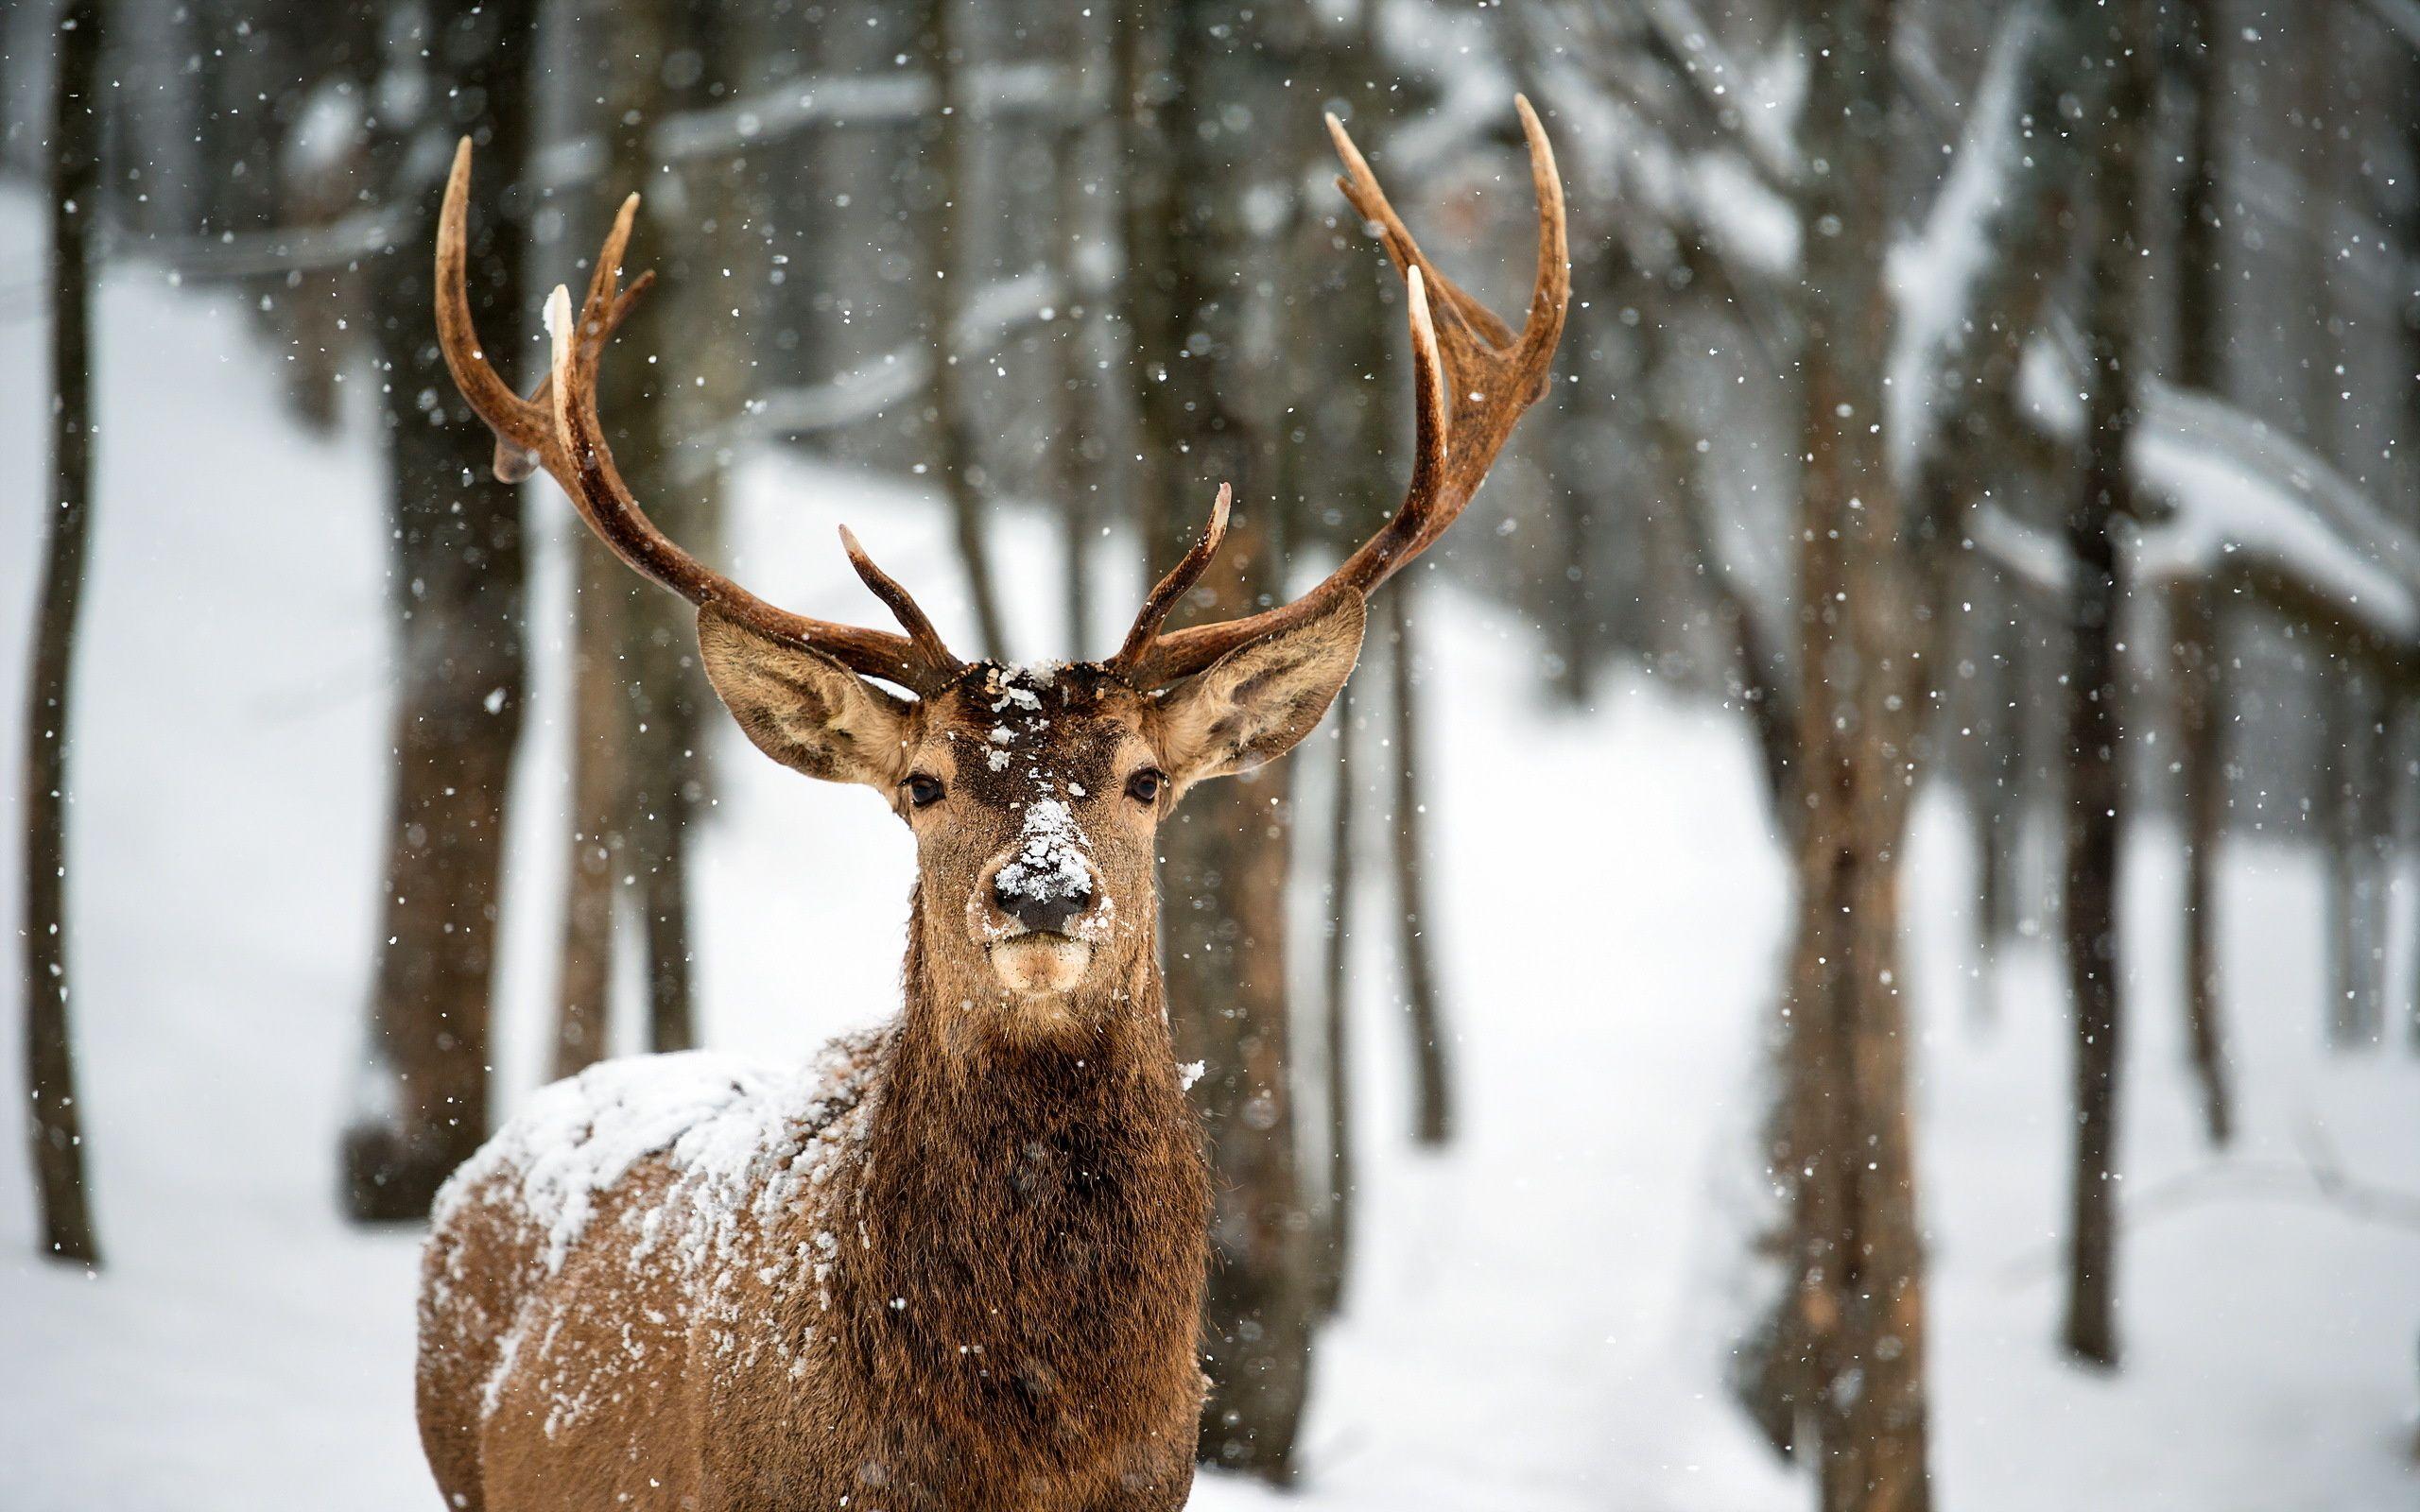 Animals In The Snow Wallpaper Deer Wallpaper Deer Pictures Winter Animals